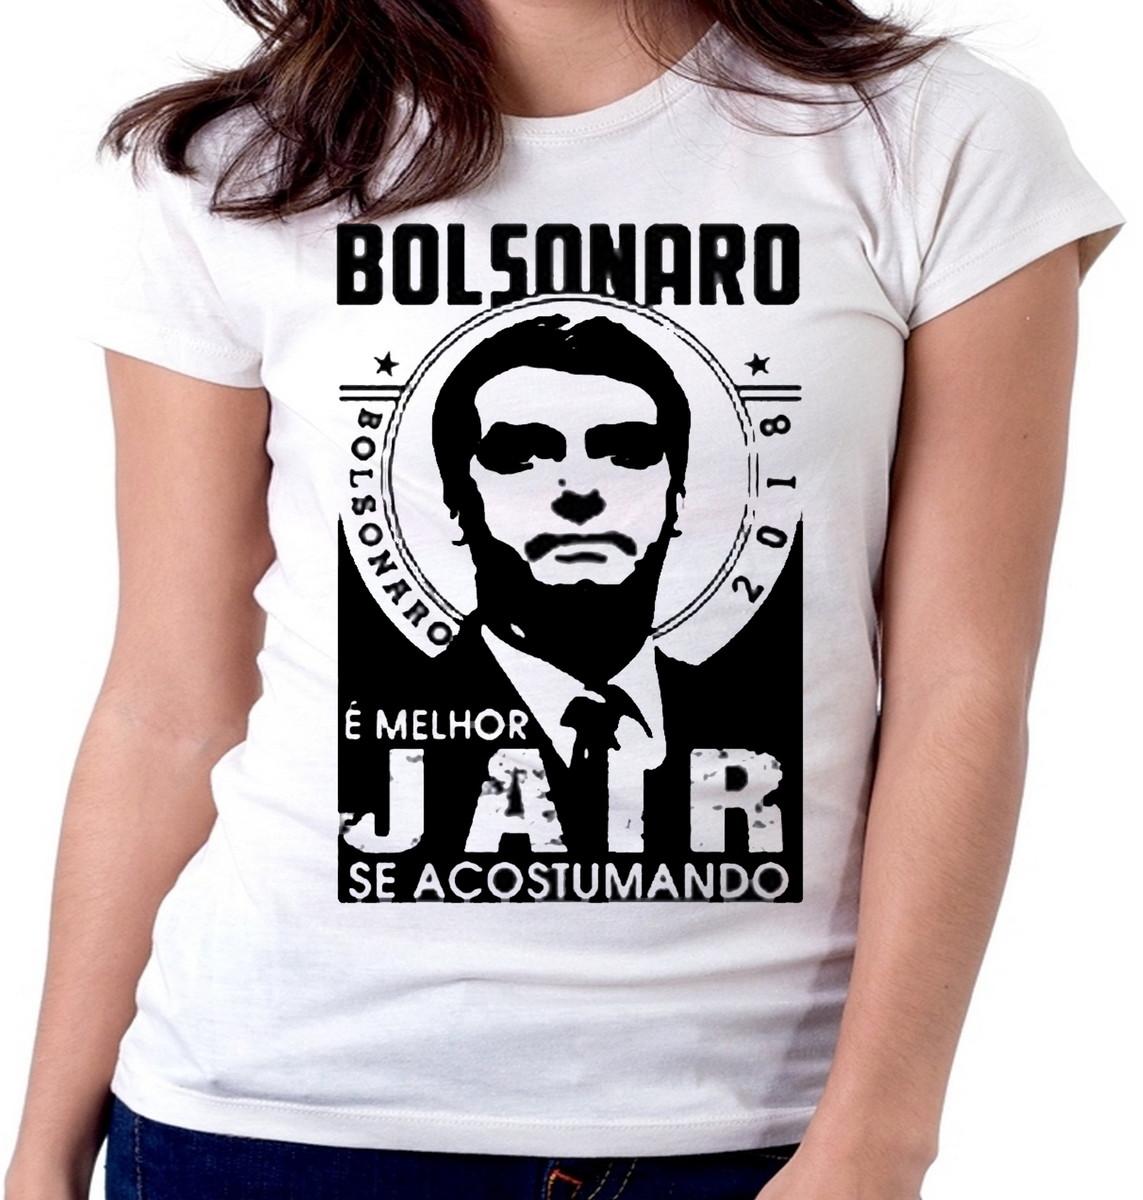 Blusa Feminina Baby Look Bolsonaro Melhor Jair Se Acostumand No Elo7